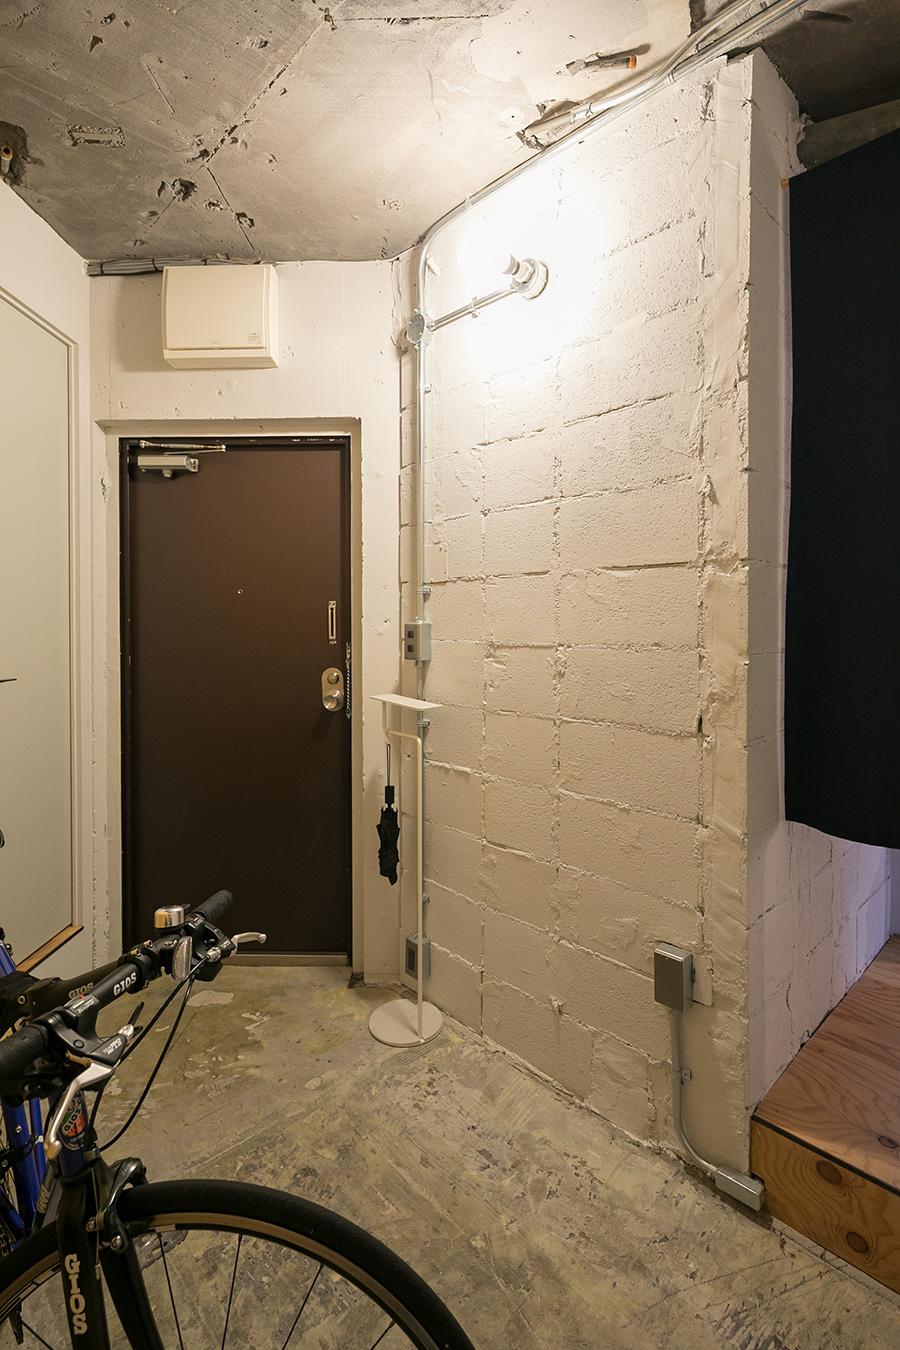 自転車をラクラク置ける広い玄関。壁は自分たちで白にペイントした。